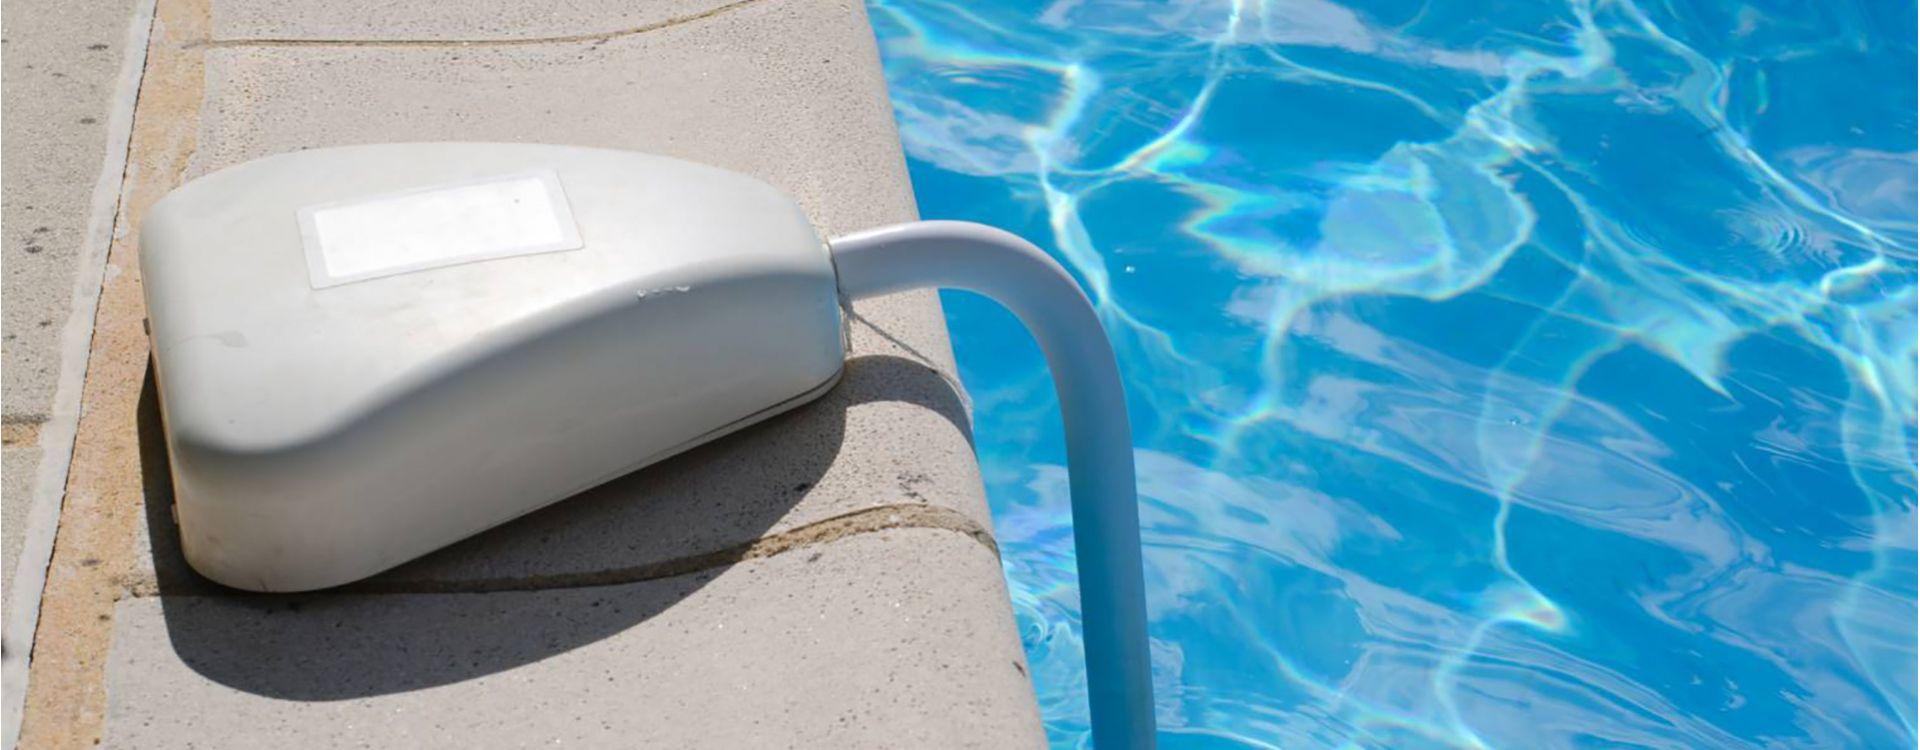 Comment protéger sa famille des risques de noyade ?